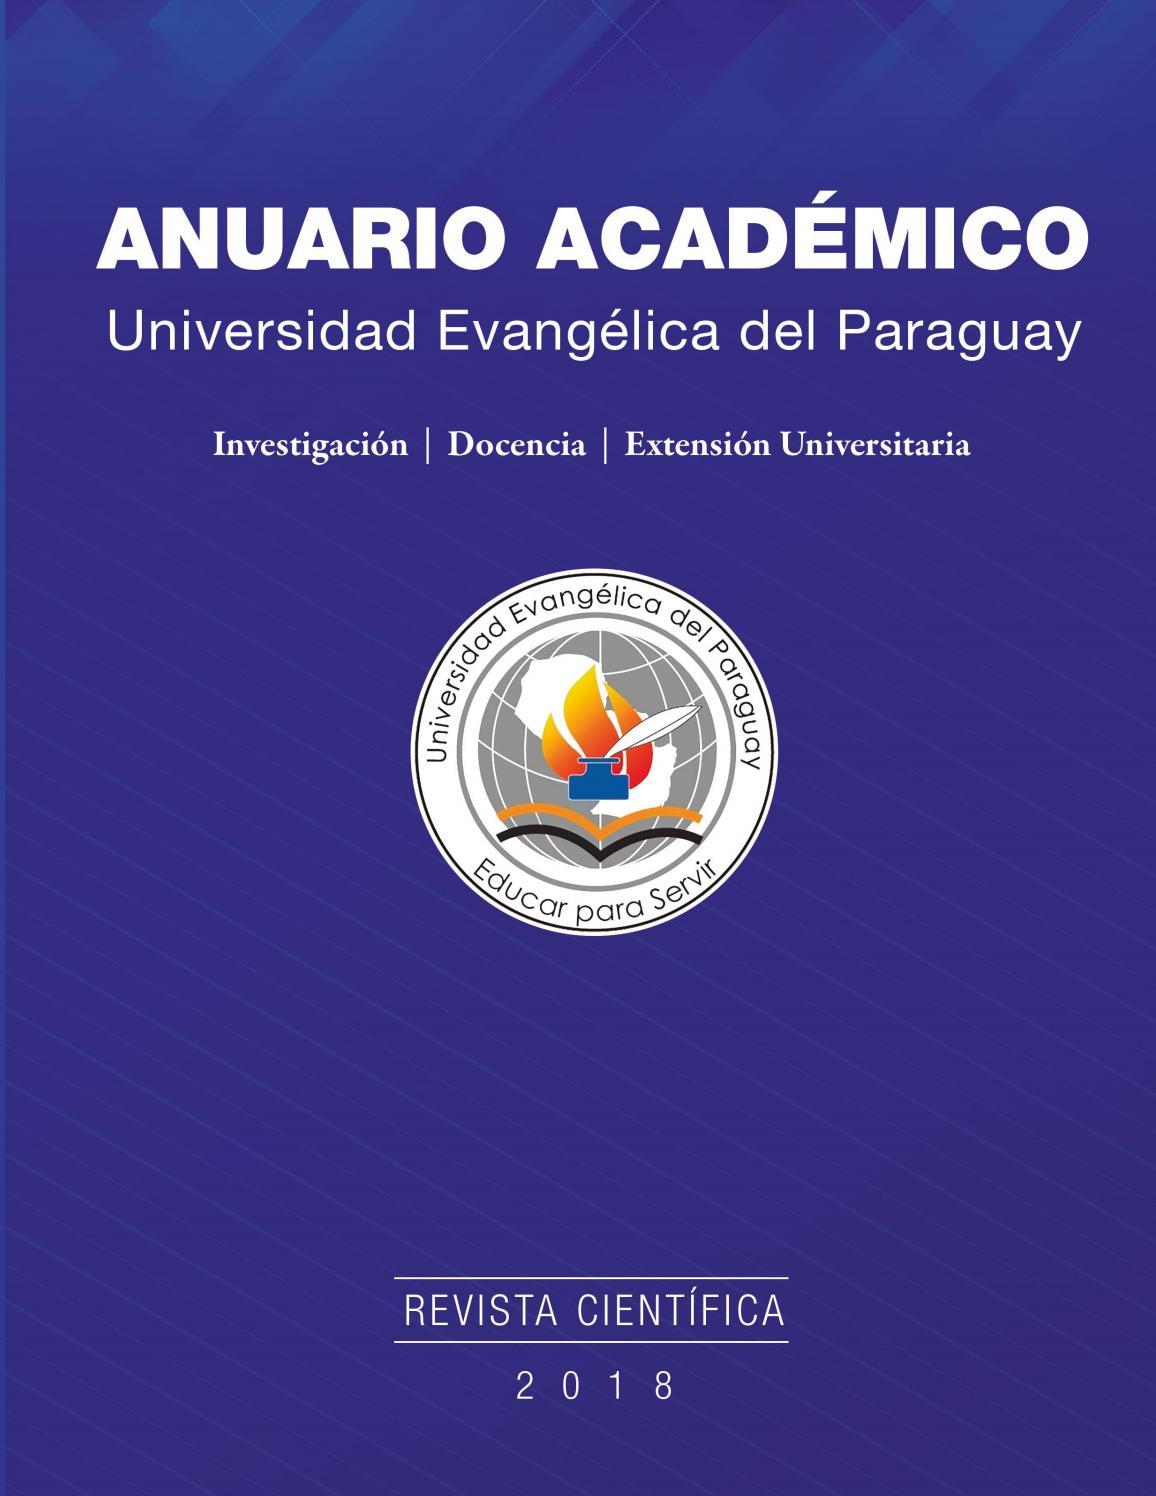 Anuario Acadédemico 2018 By Universidad Evangélica Del